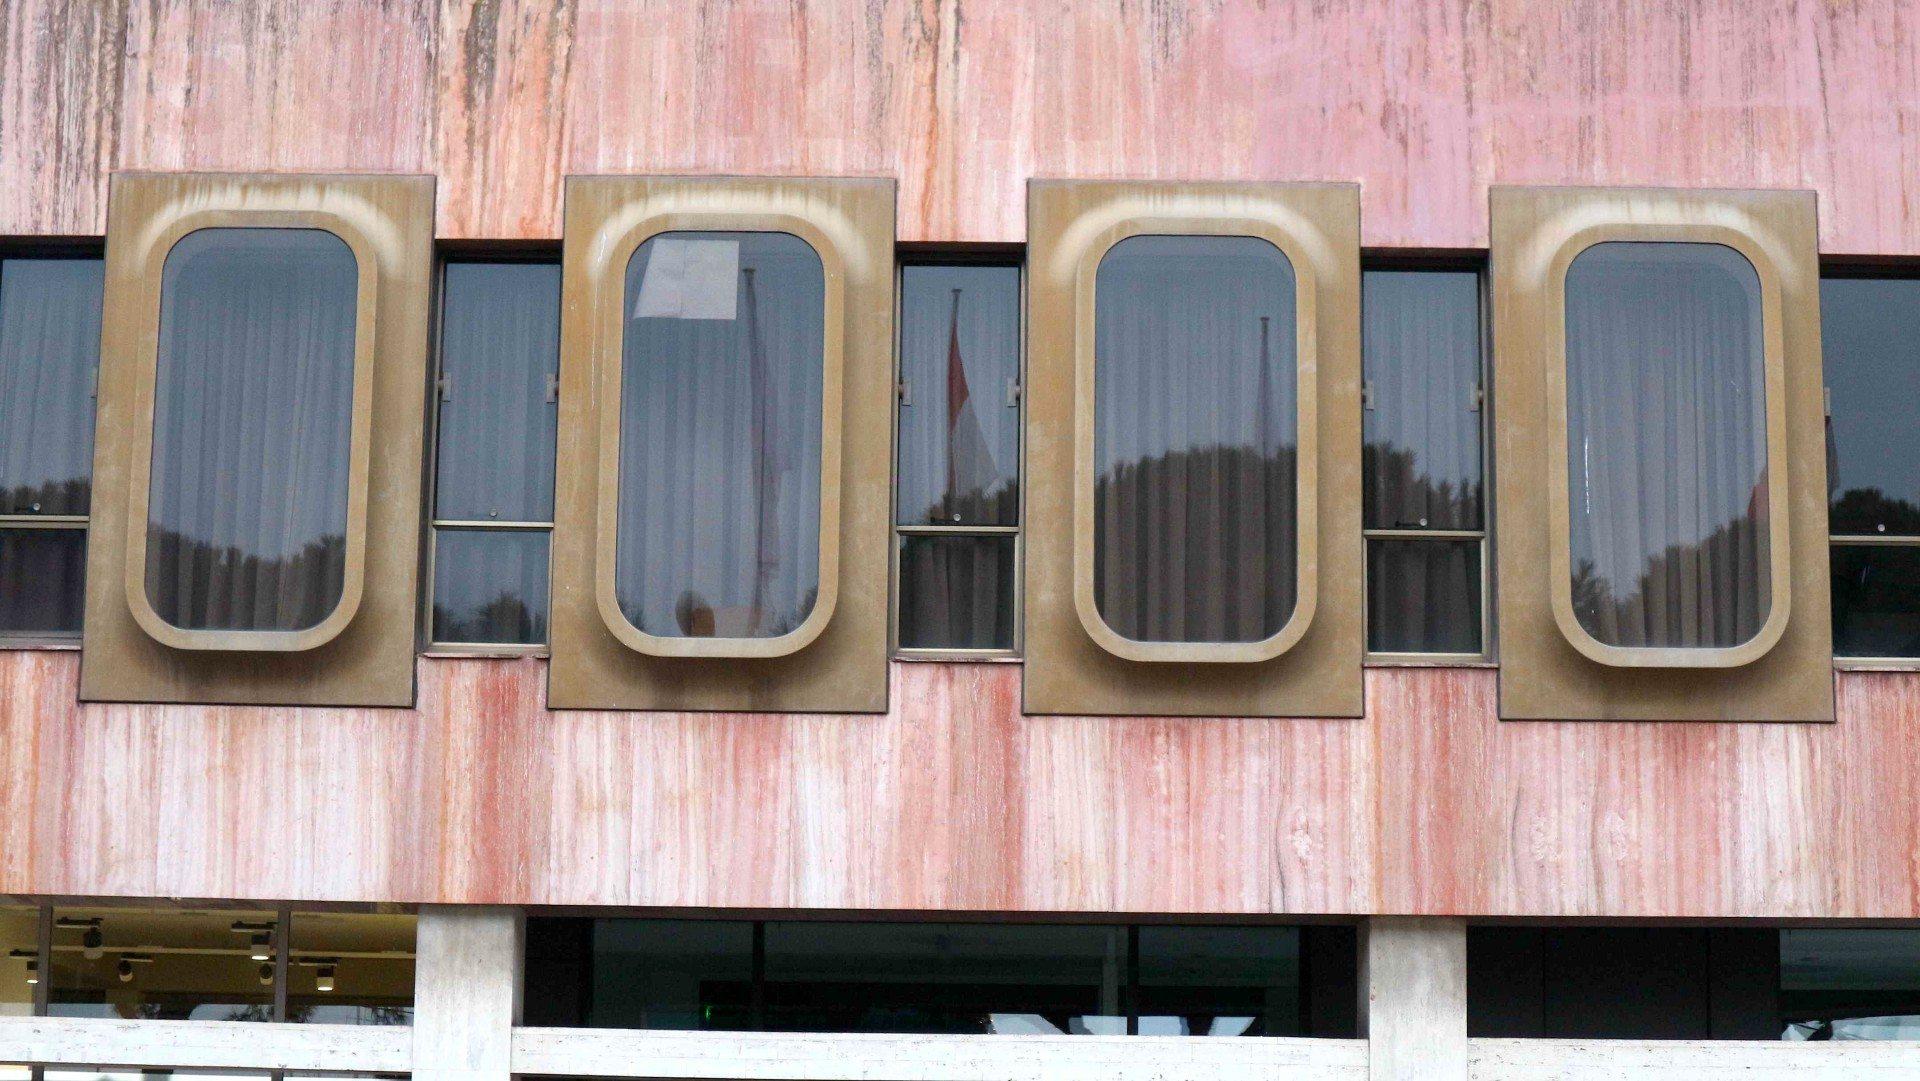 Credit Foncier de Monaco.  Die Glotzaugen-Fenster des Finanzinstituts